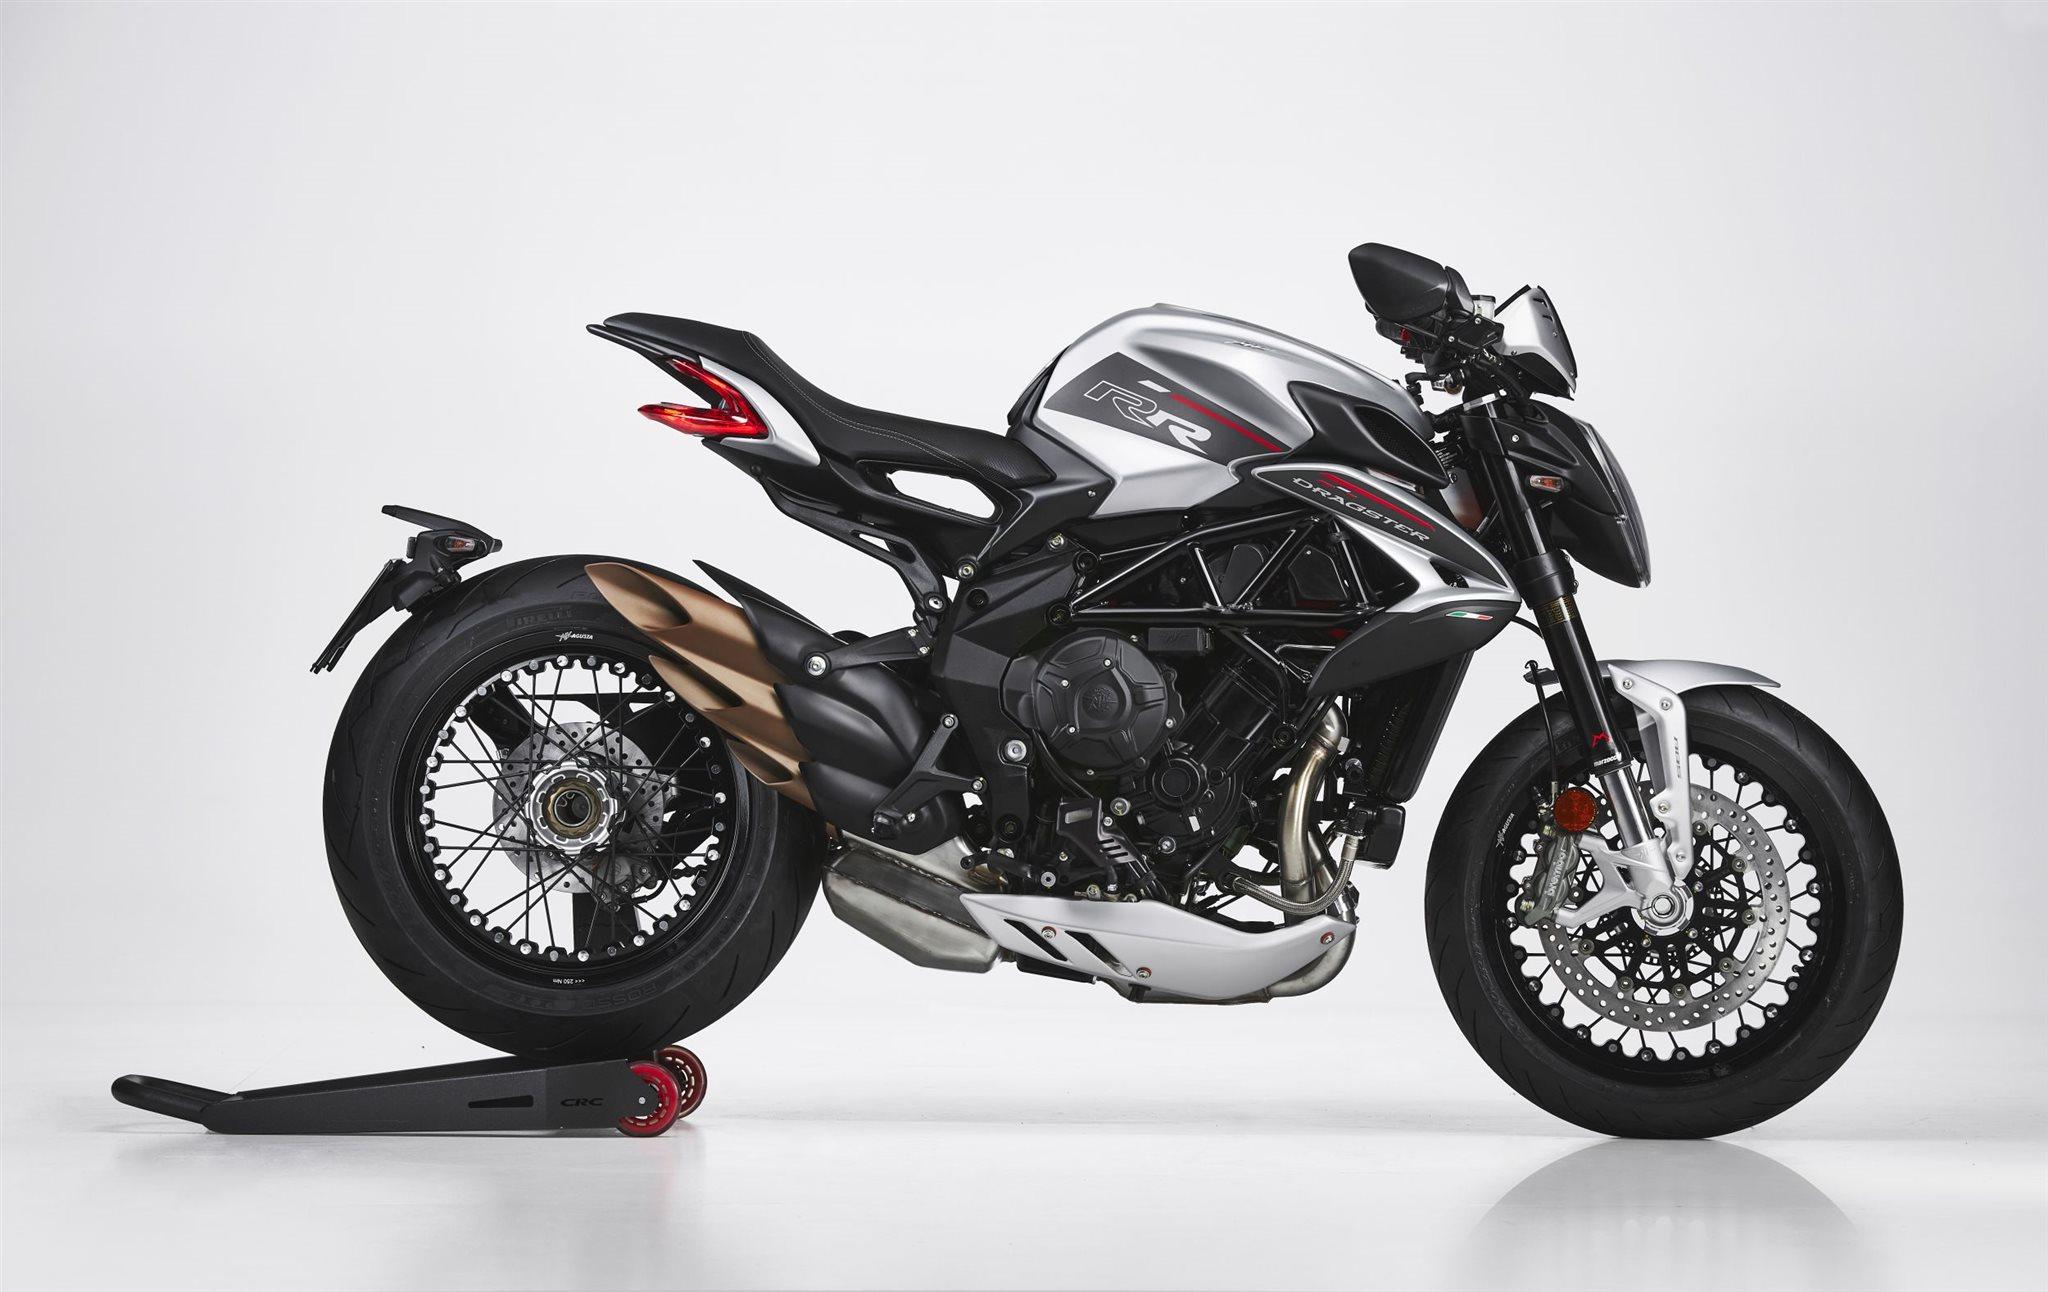 Gebrauchte Und Neue Mv Agusta Dragster 800 Rr Motorräder Kaufen